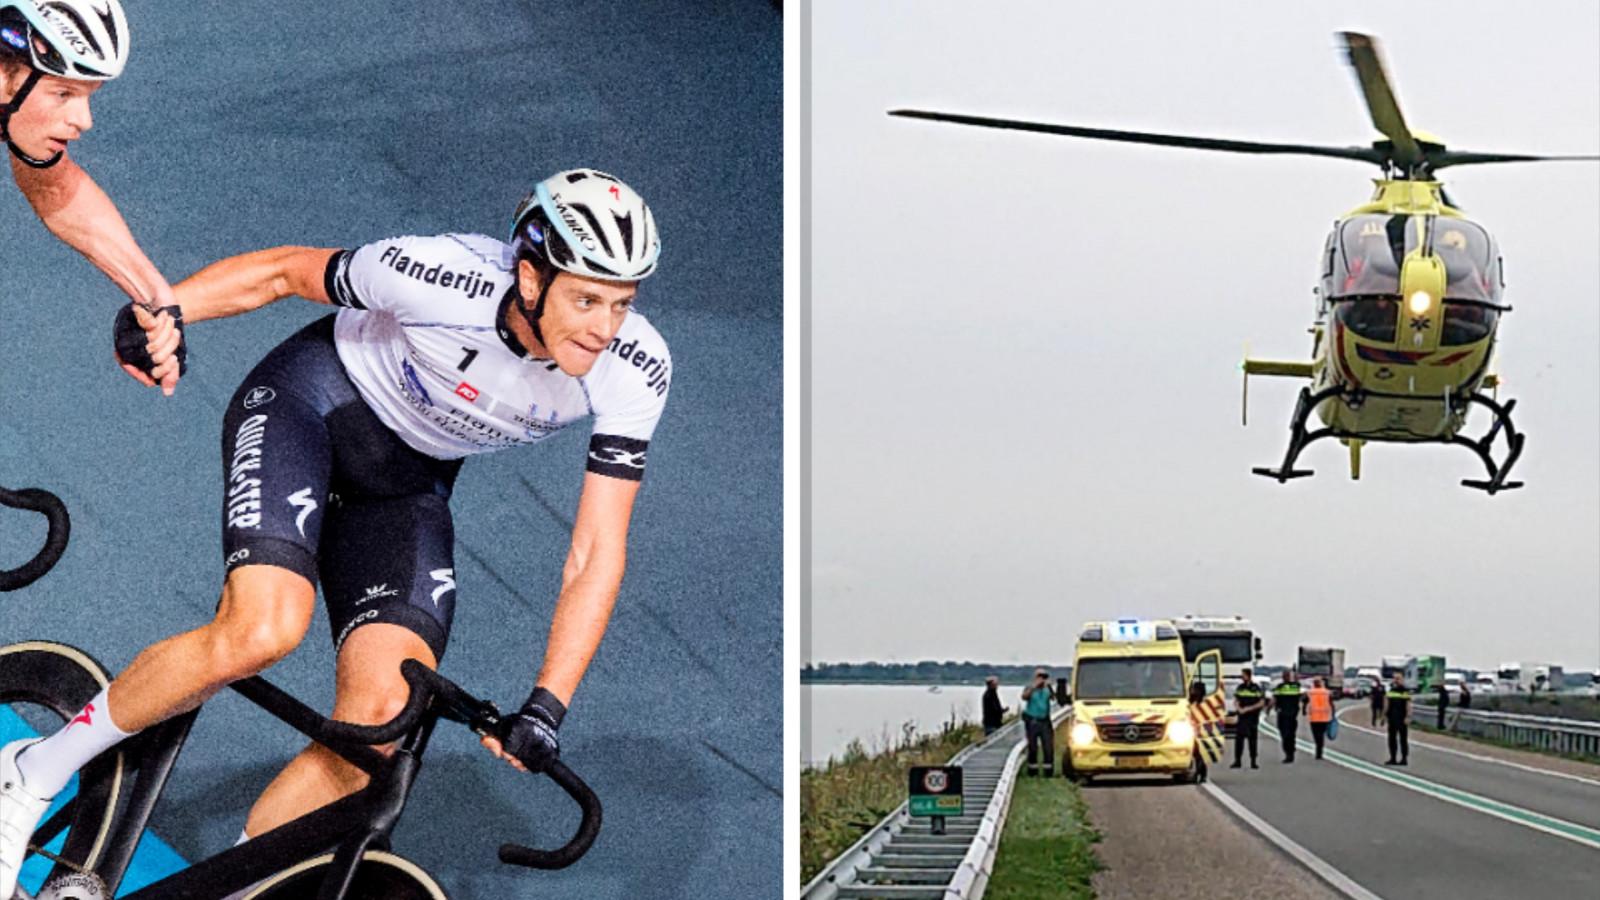 Wielrenner Niki Terpstra ernstig gewond in ziekenhuis na ongeluk op Markerwaarddijk.